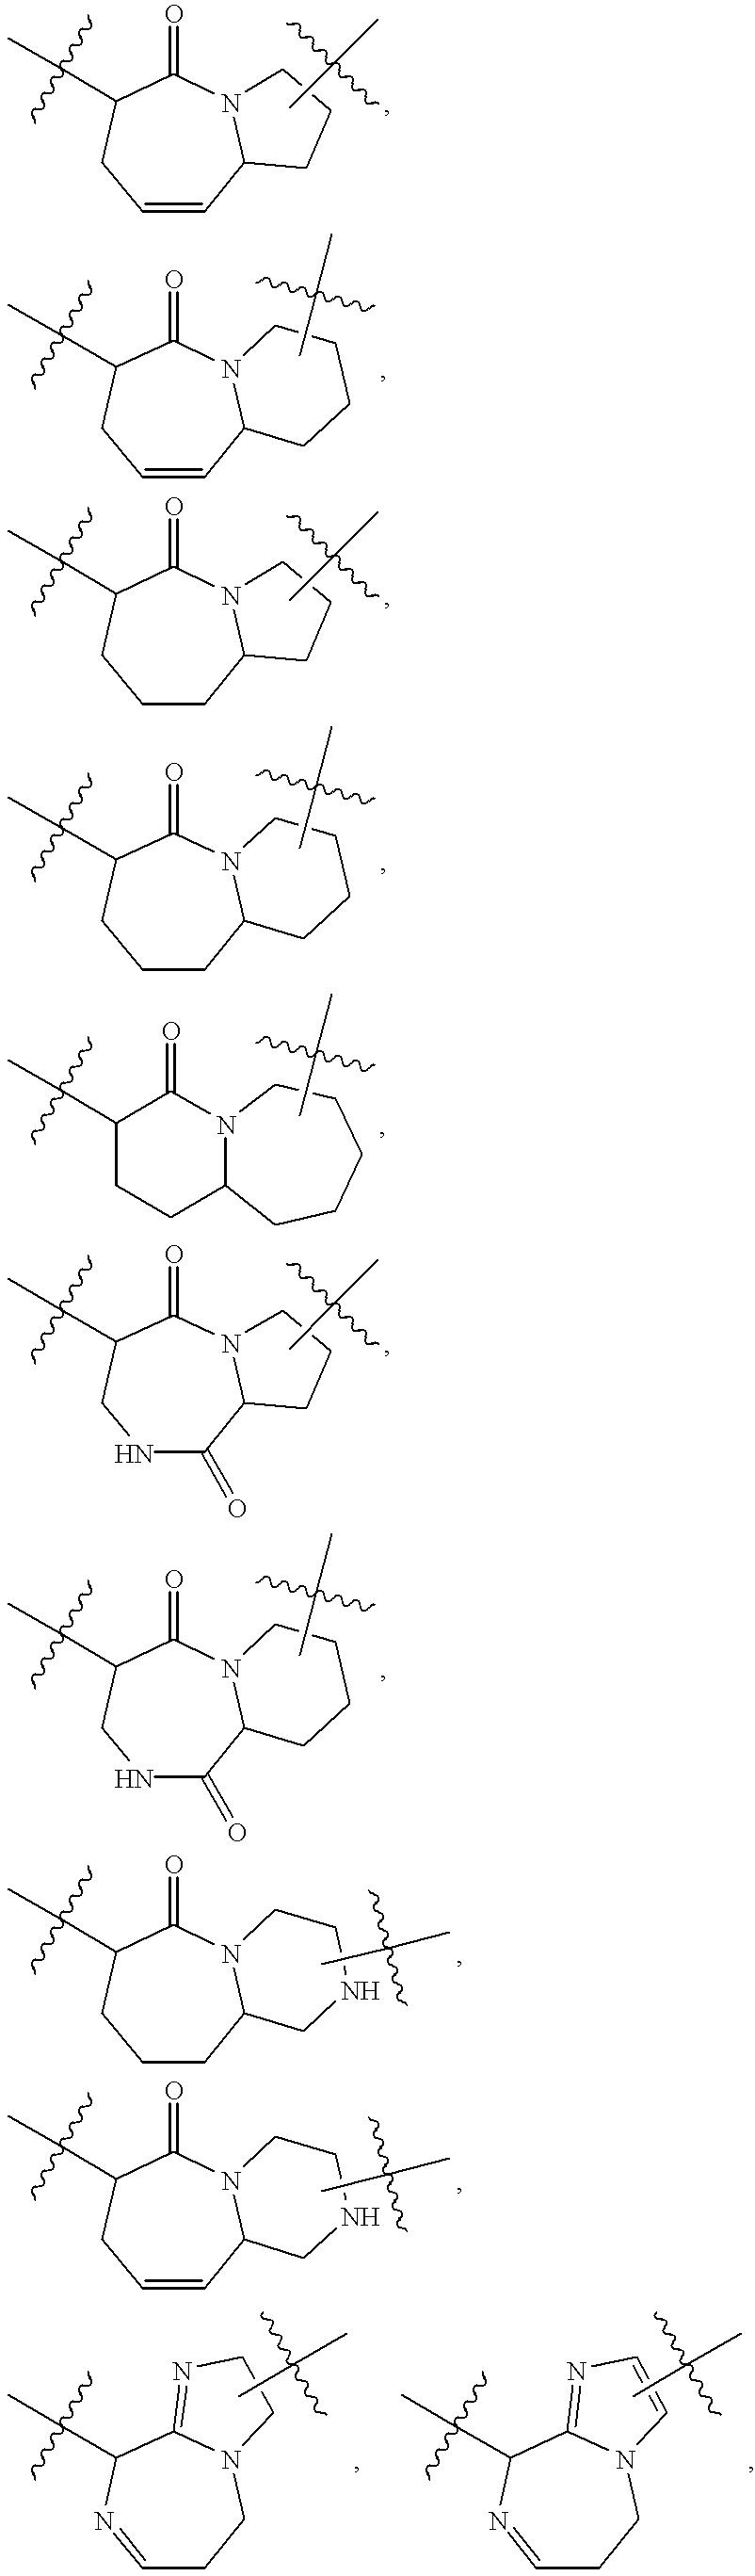 Figure US20020055501A1-20020509-C00034